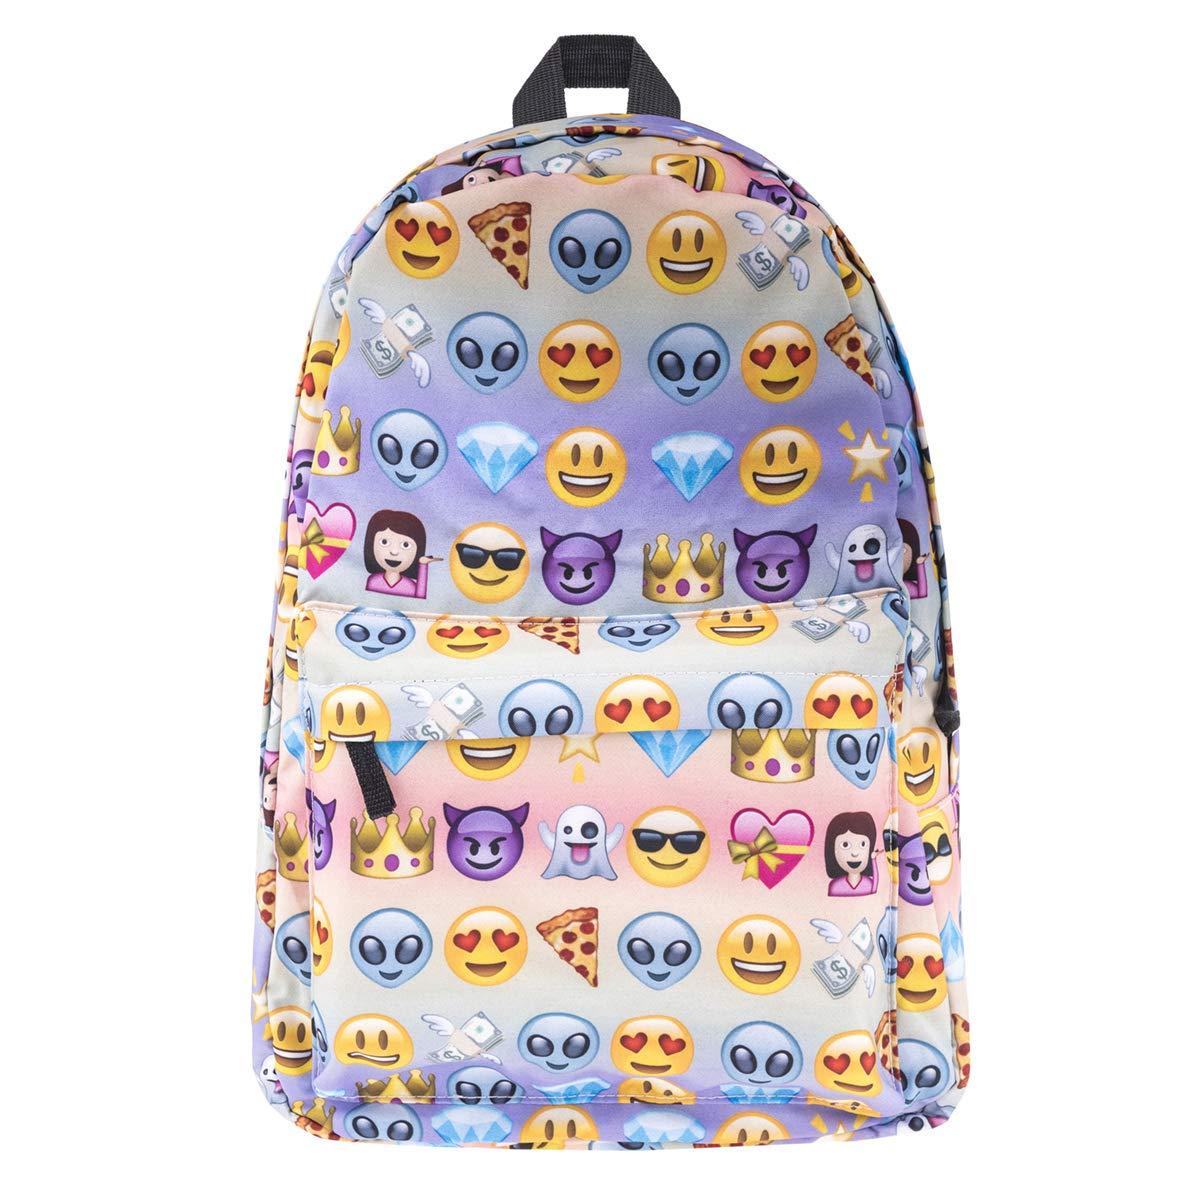 Escuela Mochila, Gracosy School Backpack Mochila Linda Emoji para La Escuela El Trabajo El Deporte Comidas Campestres Al Aire Libre Eventos bolsa de ...